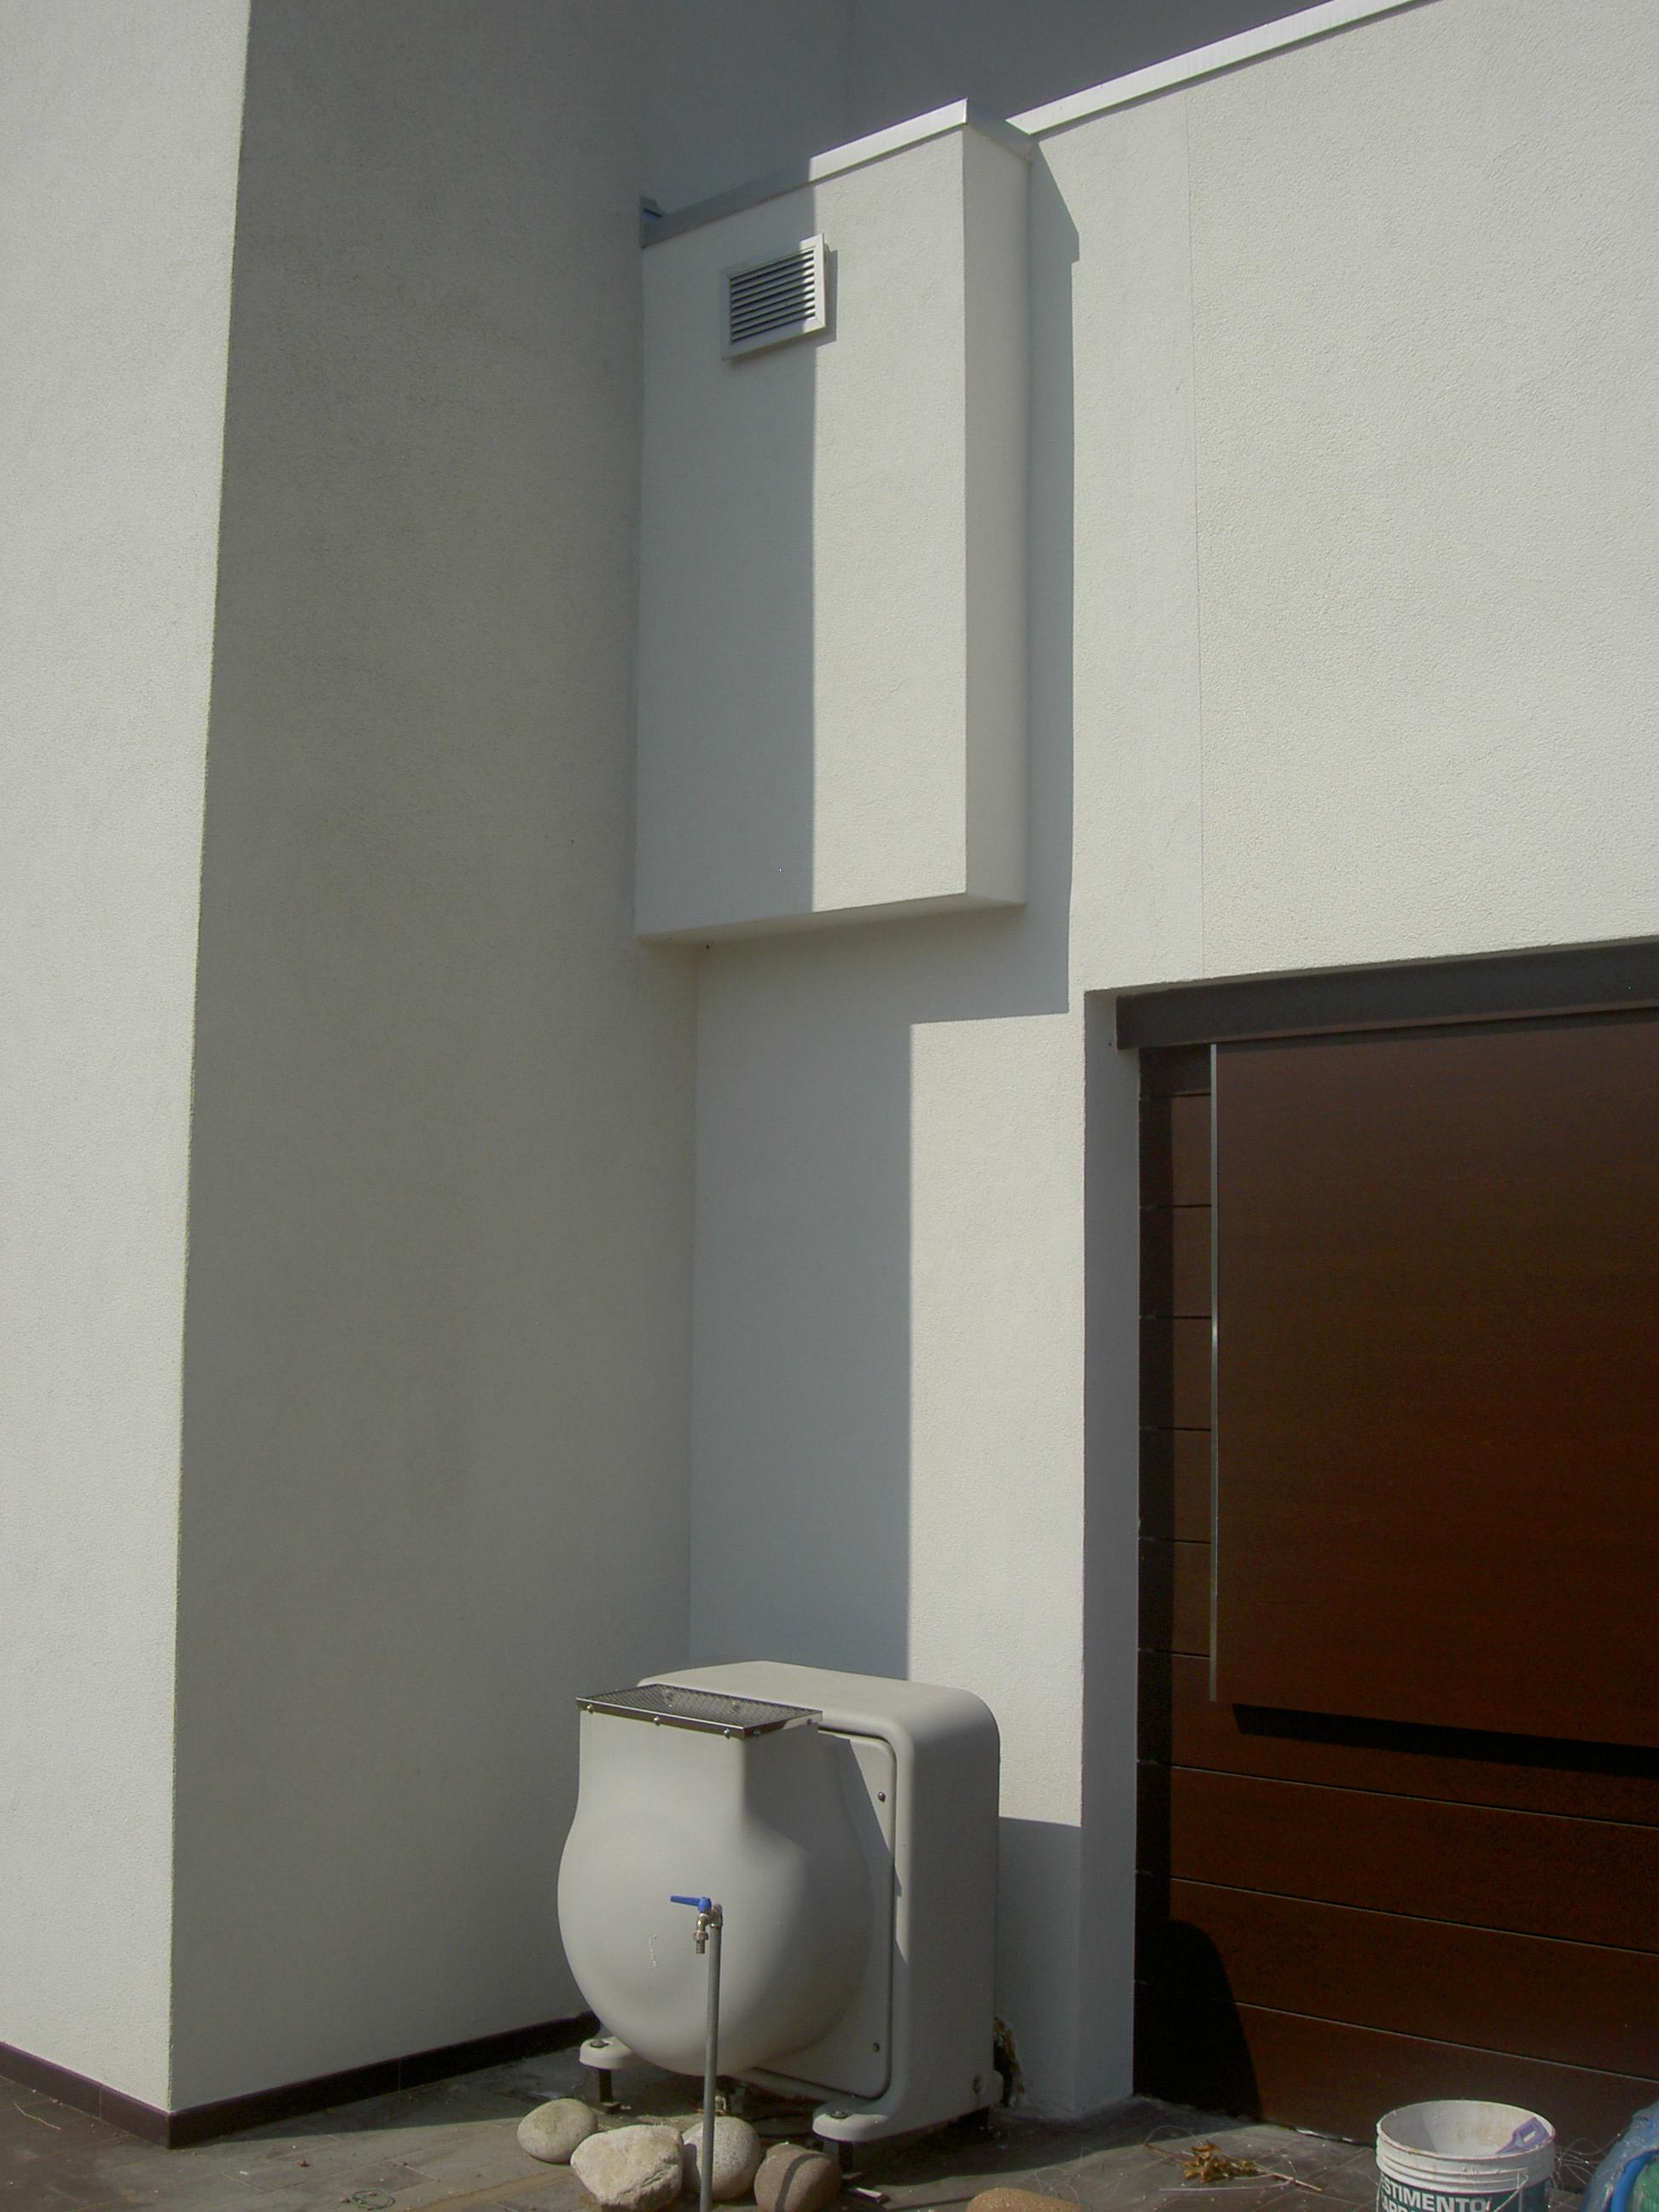 Net zero energy building gt il giornale del termoidraulico - Ricircolo aria casa ...